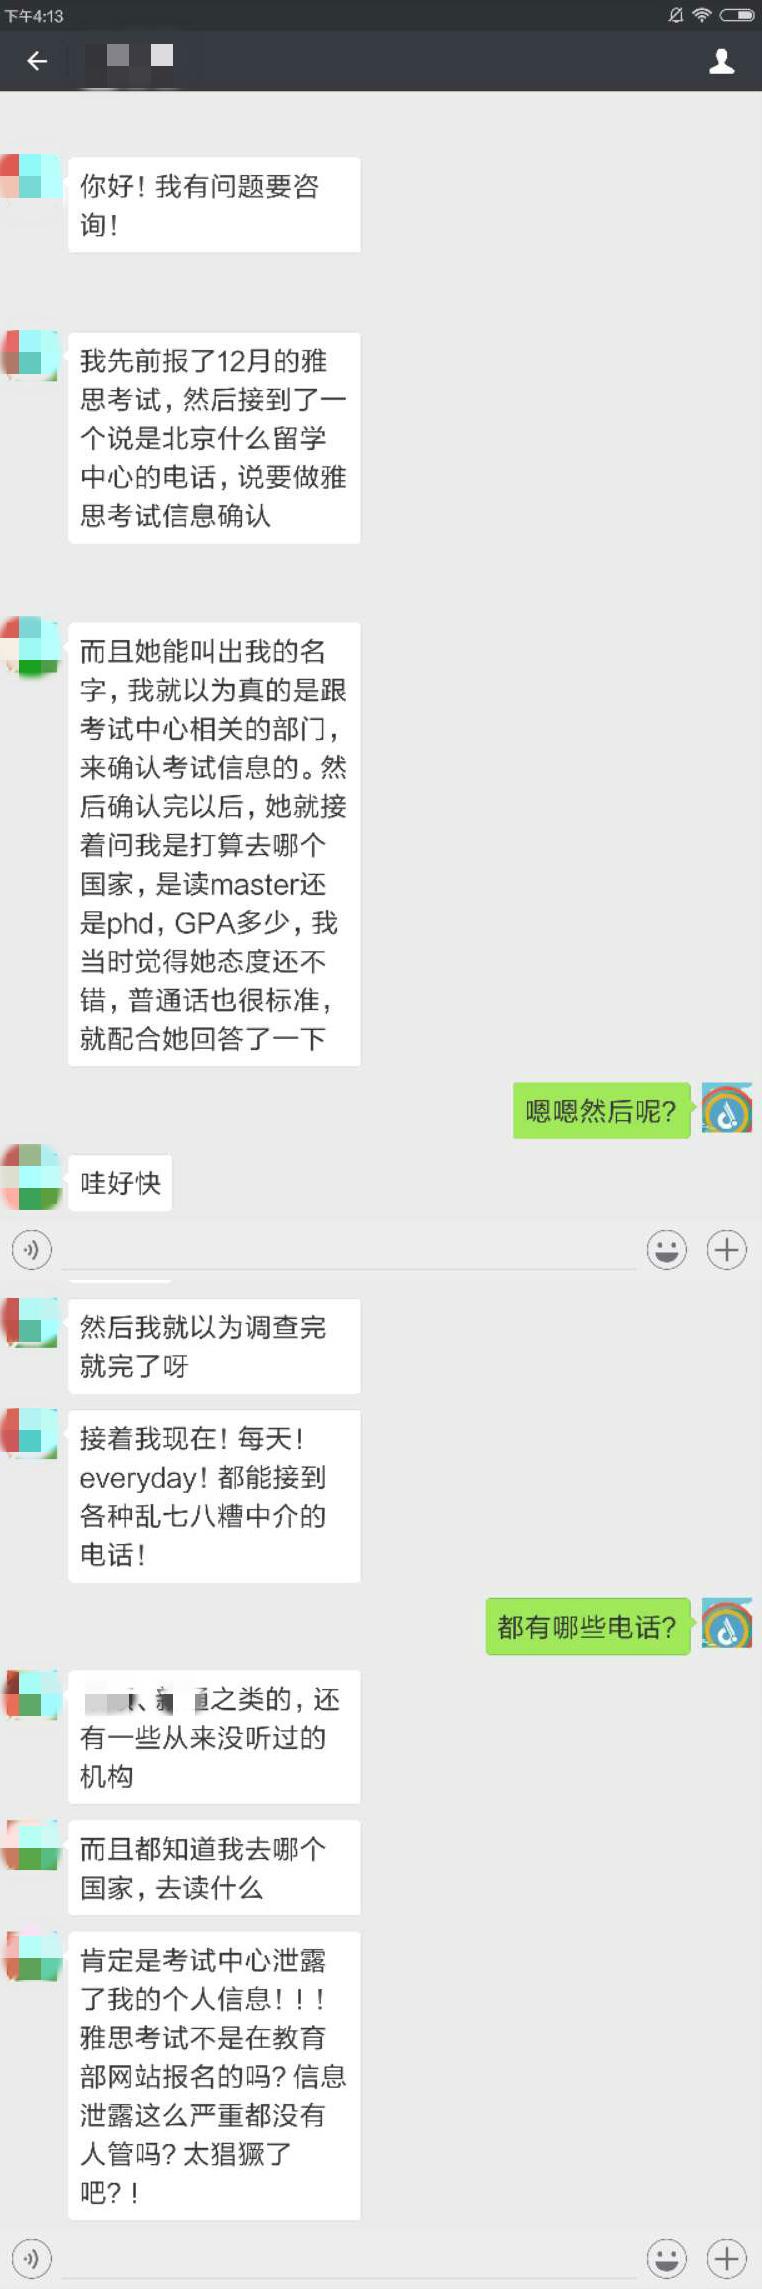 投诉_meitu_2.jpg